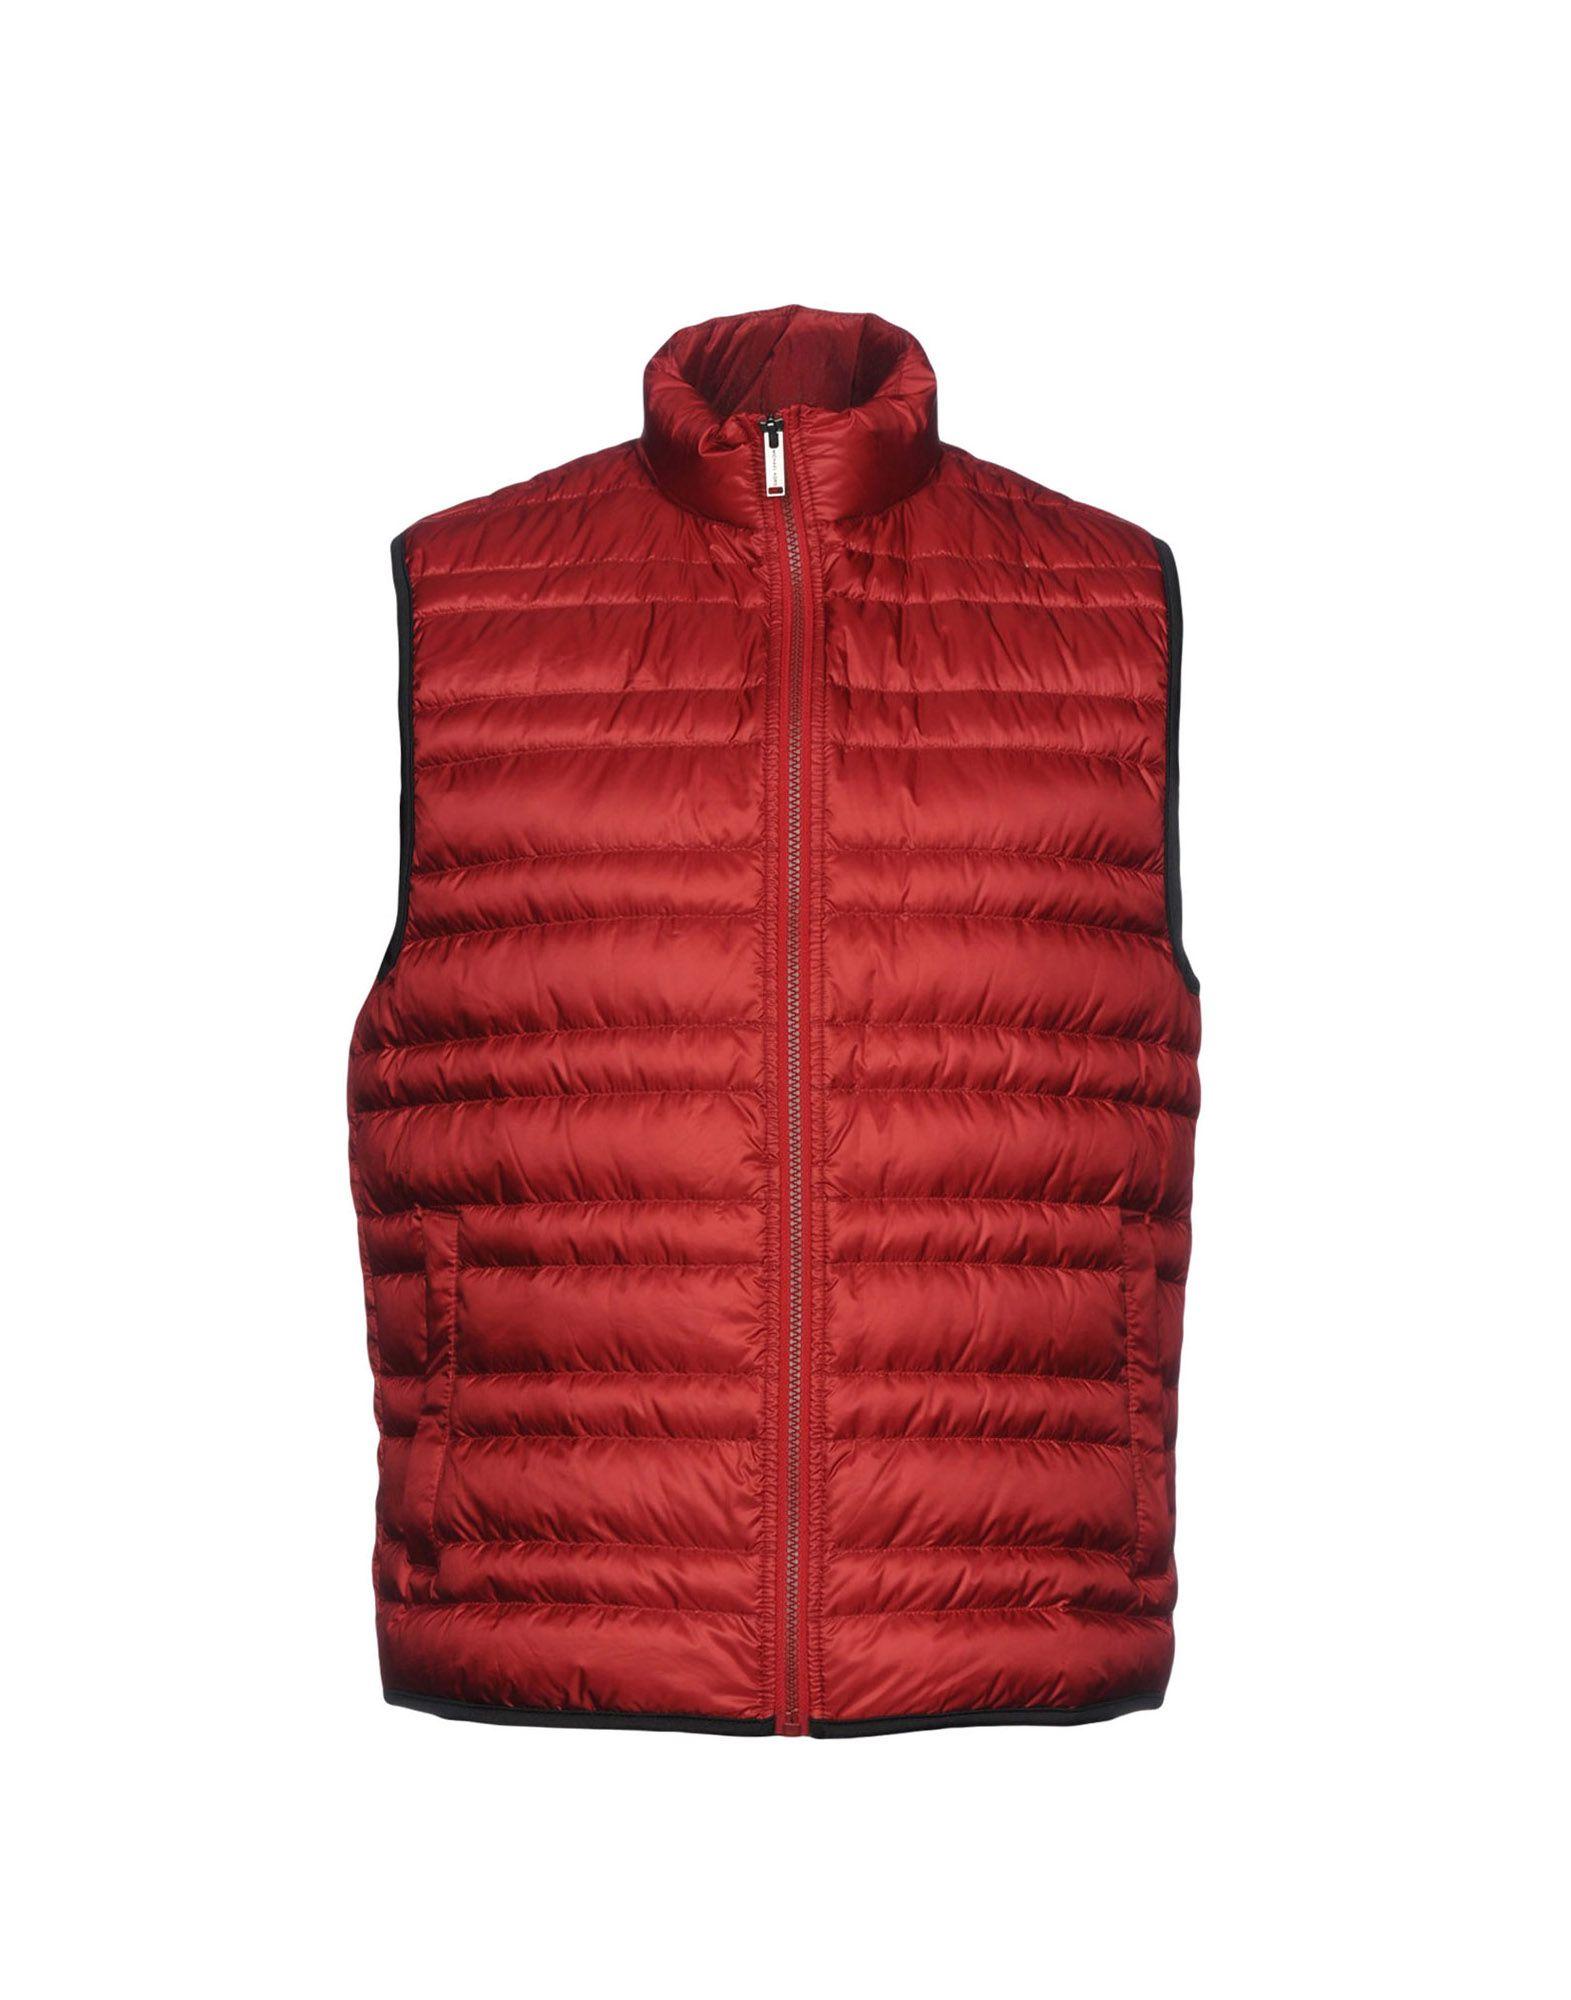 MICHAEL KORS Куртка новая весна зима твердые женщины плюс размер тонкий жилет женщин parkas хлопок куртка без рукавов с капюшоном повседневная куртка colete